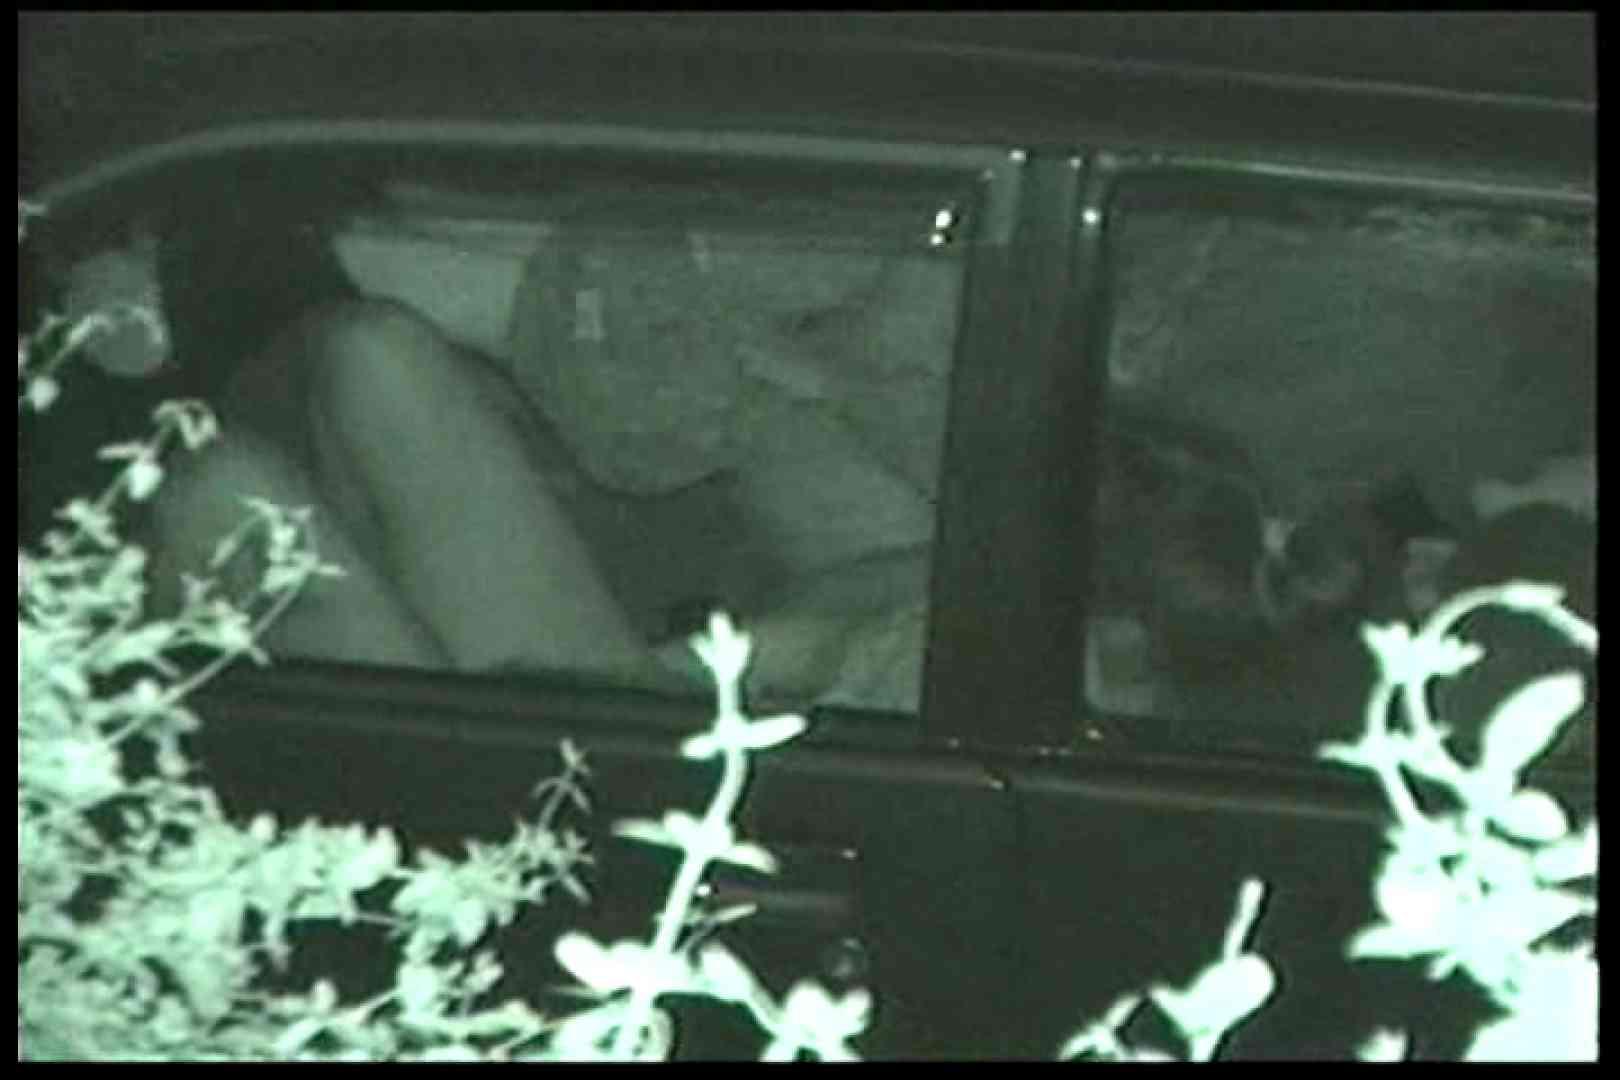 車の中はラブホテル 無修正版  Vol.15 ラブホテル隠し撮り 盗撮動画紹介 77pic 62